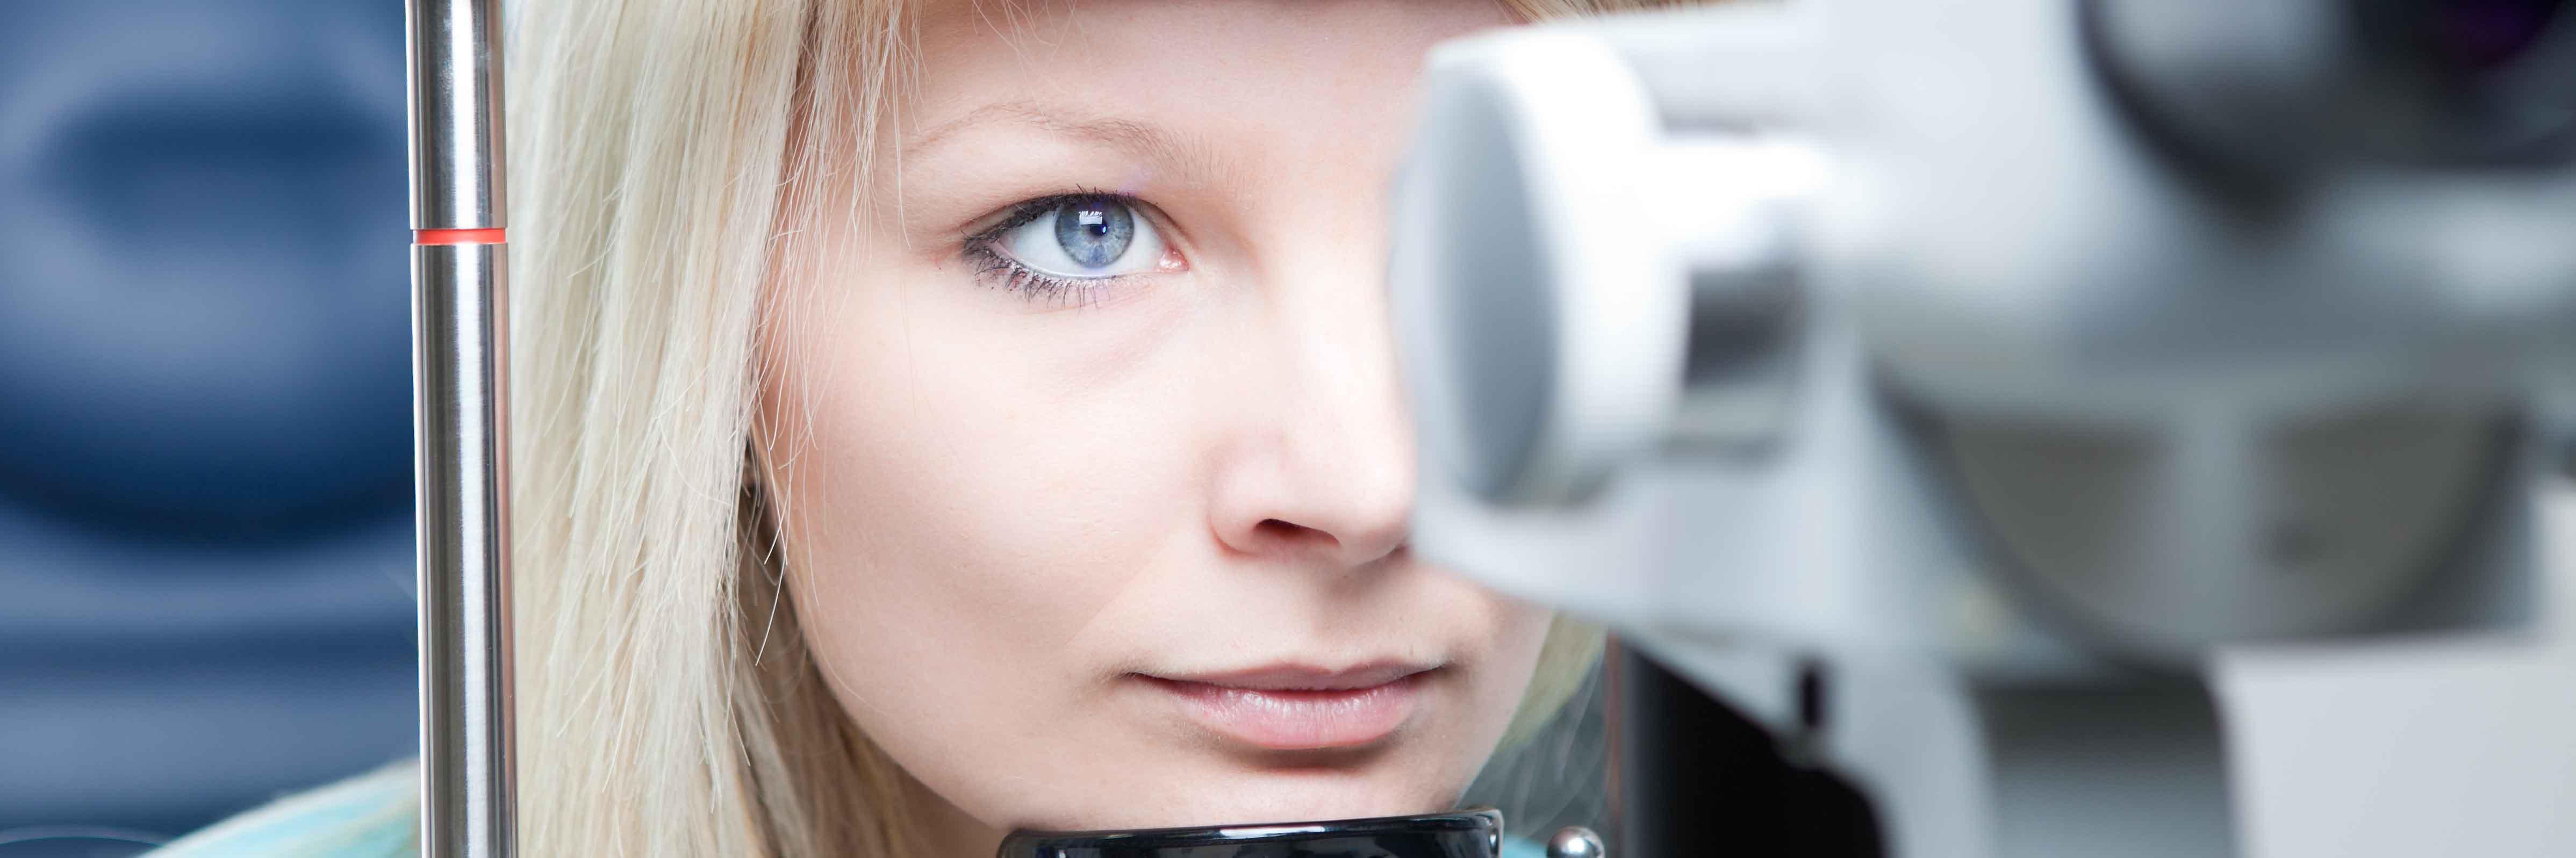 típusú látásvizsgálatok